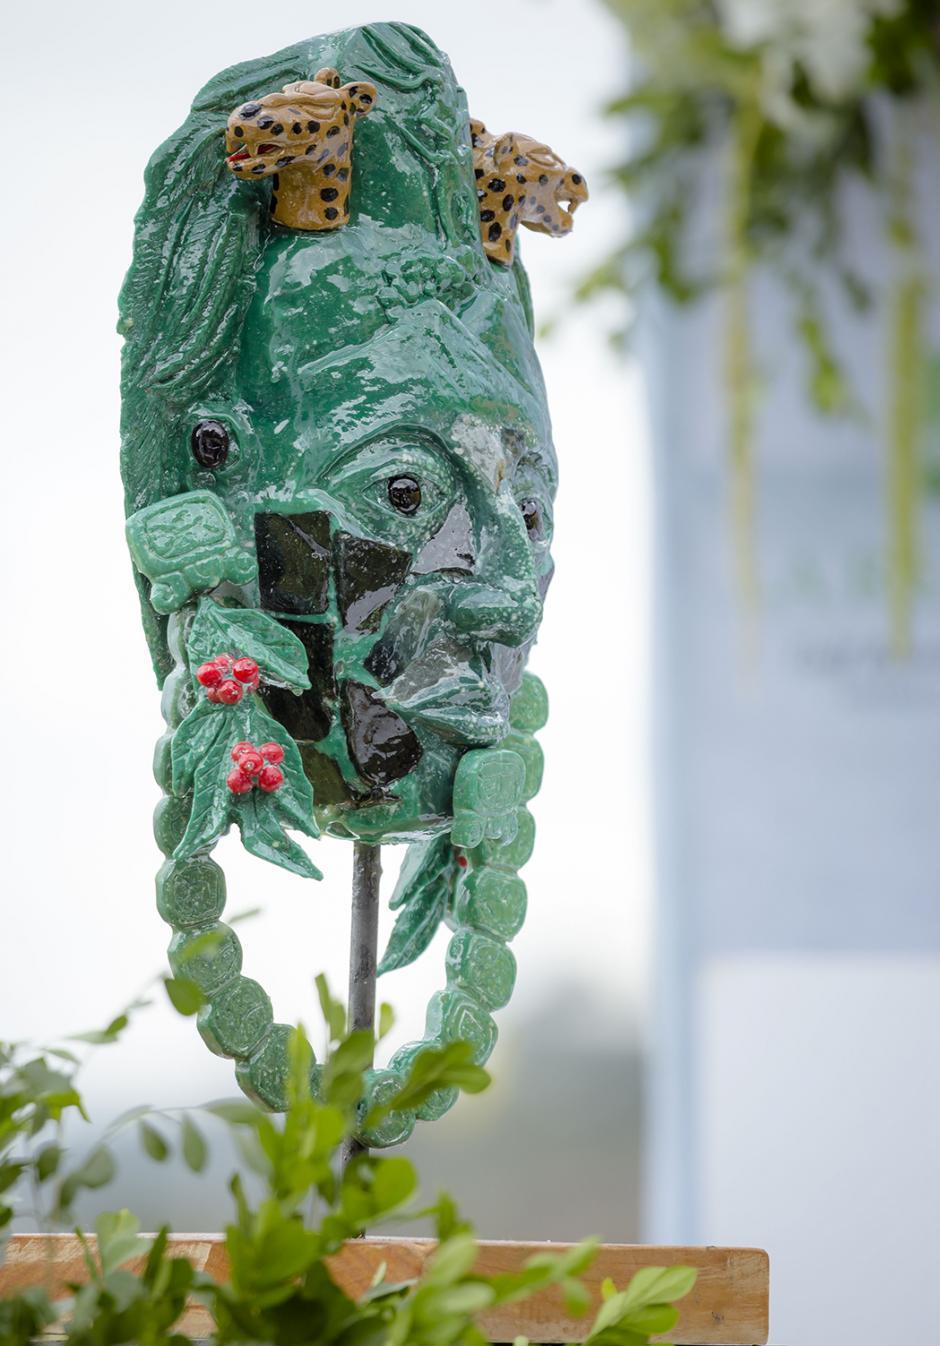 Edvin Quisquinay Alcor, artista guatemalteco, fue quien diseñó el trofeo inspirado en una máscara del período Clásico Tardío, encontrada en Tikal. (Foto: George Rojas/Soy502)